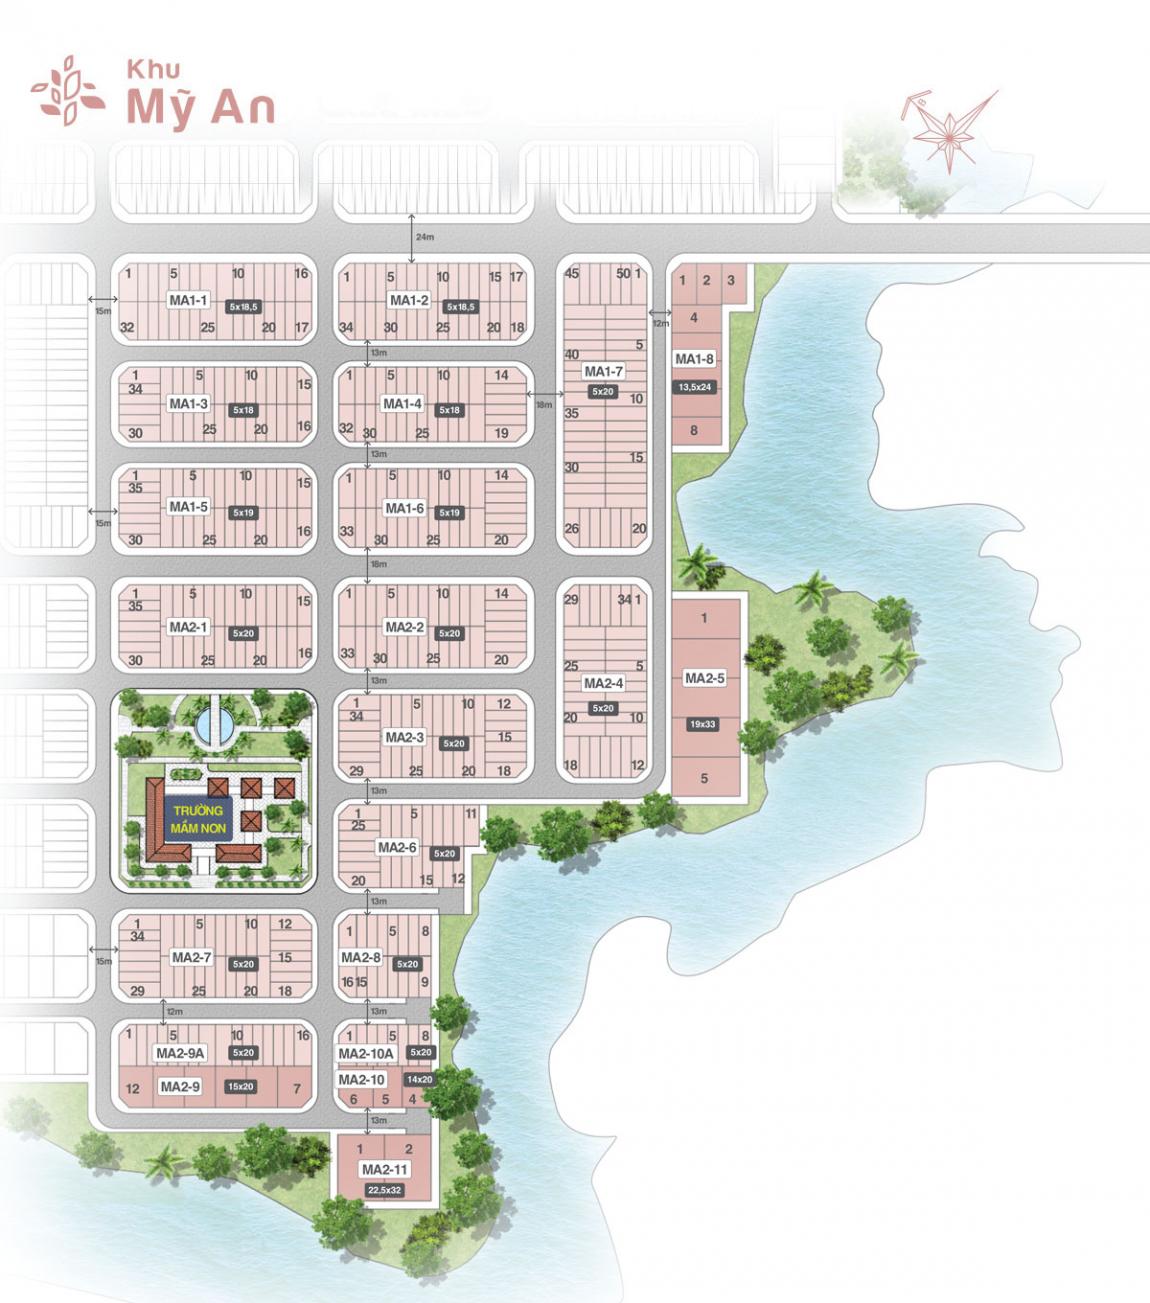 mặt bằng khu mỹ an dự án biên hoà new city